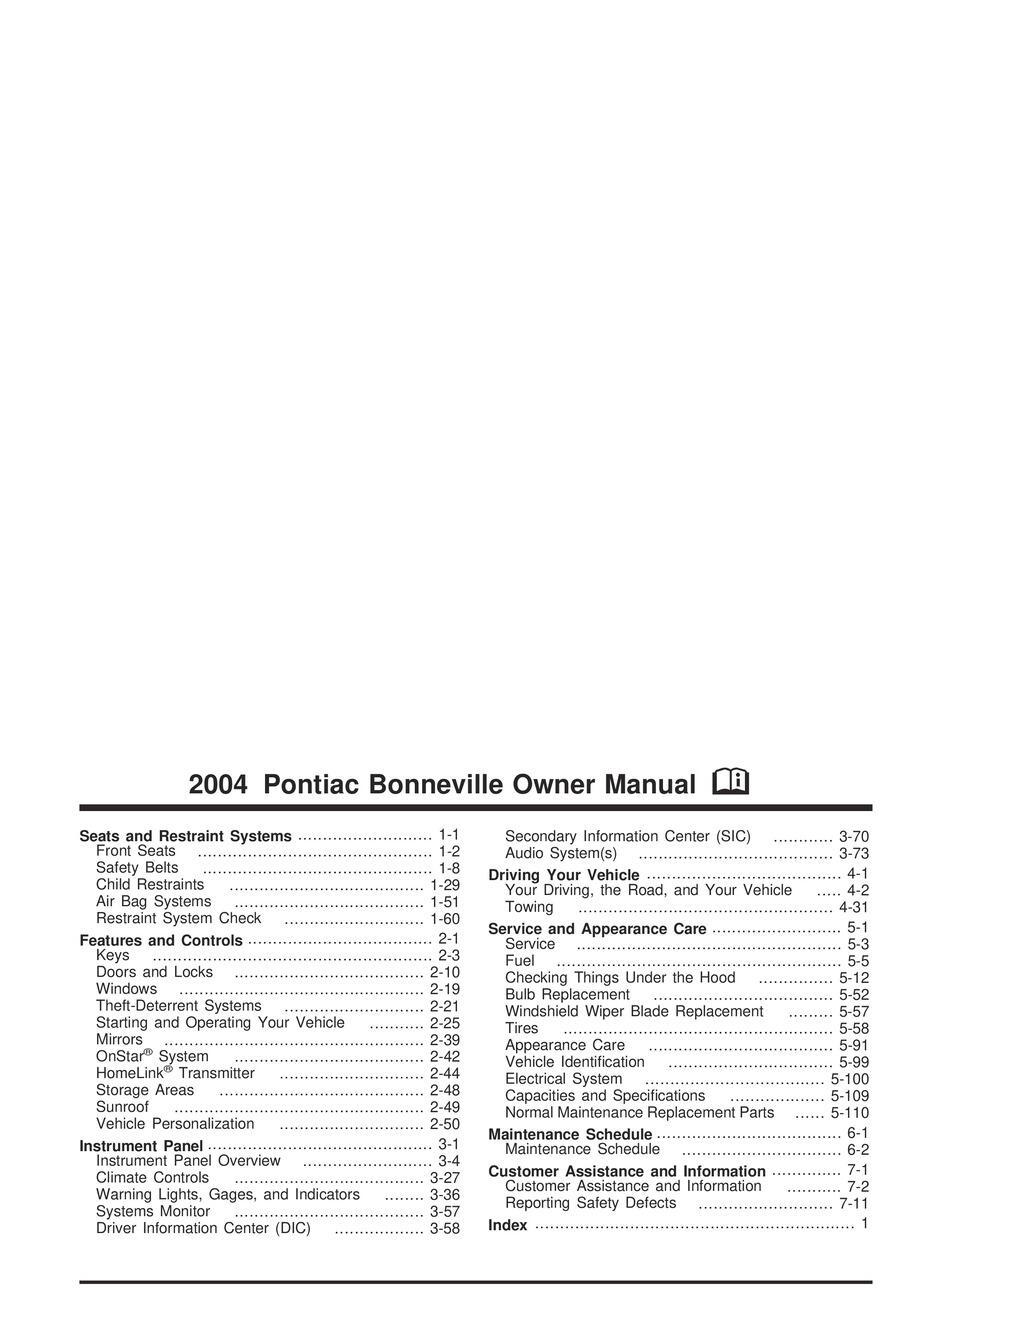 2004 Pontiac Bonneville owners manual